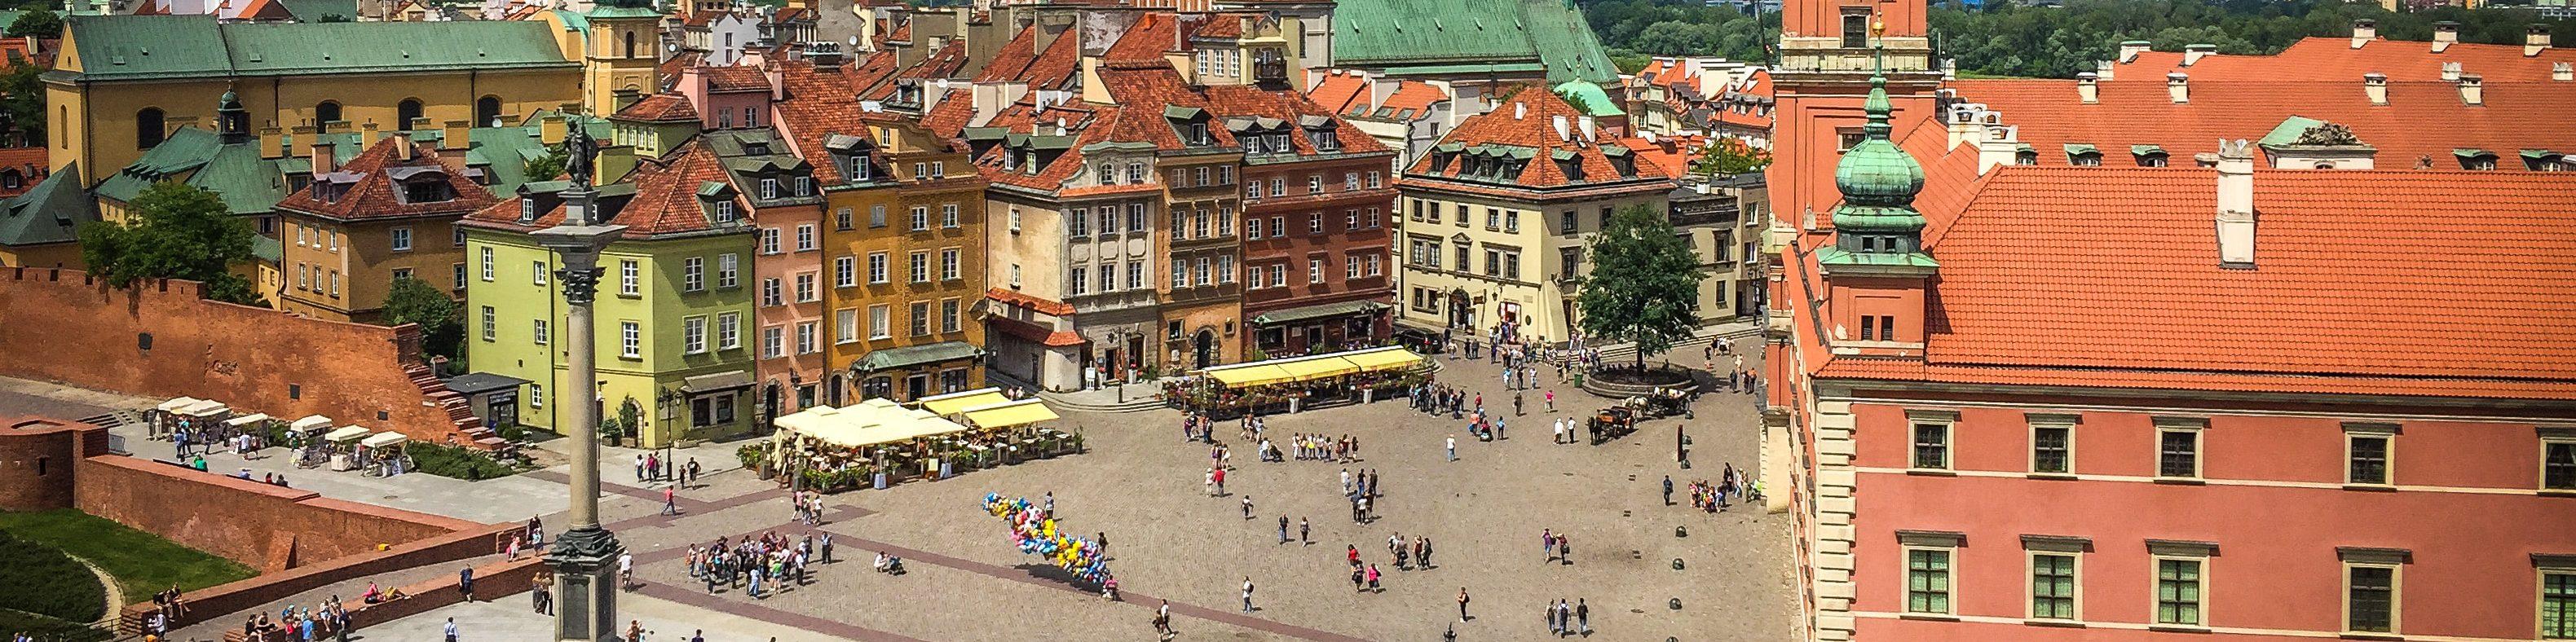 Евротур #3. Ч.17. Польша. Варшава.